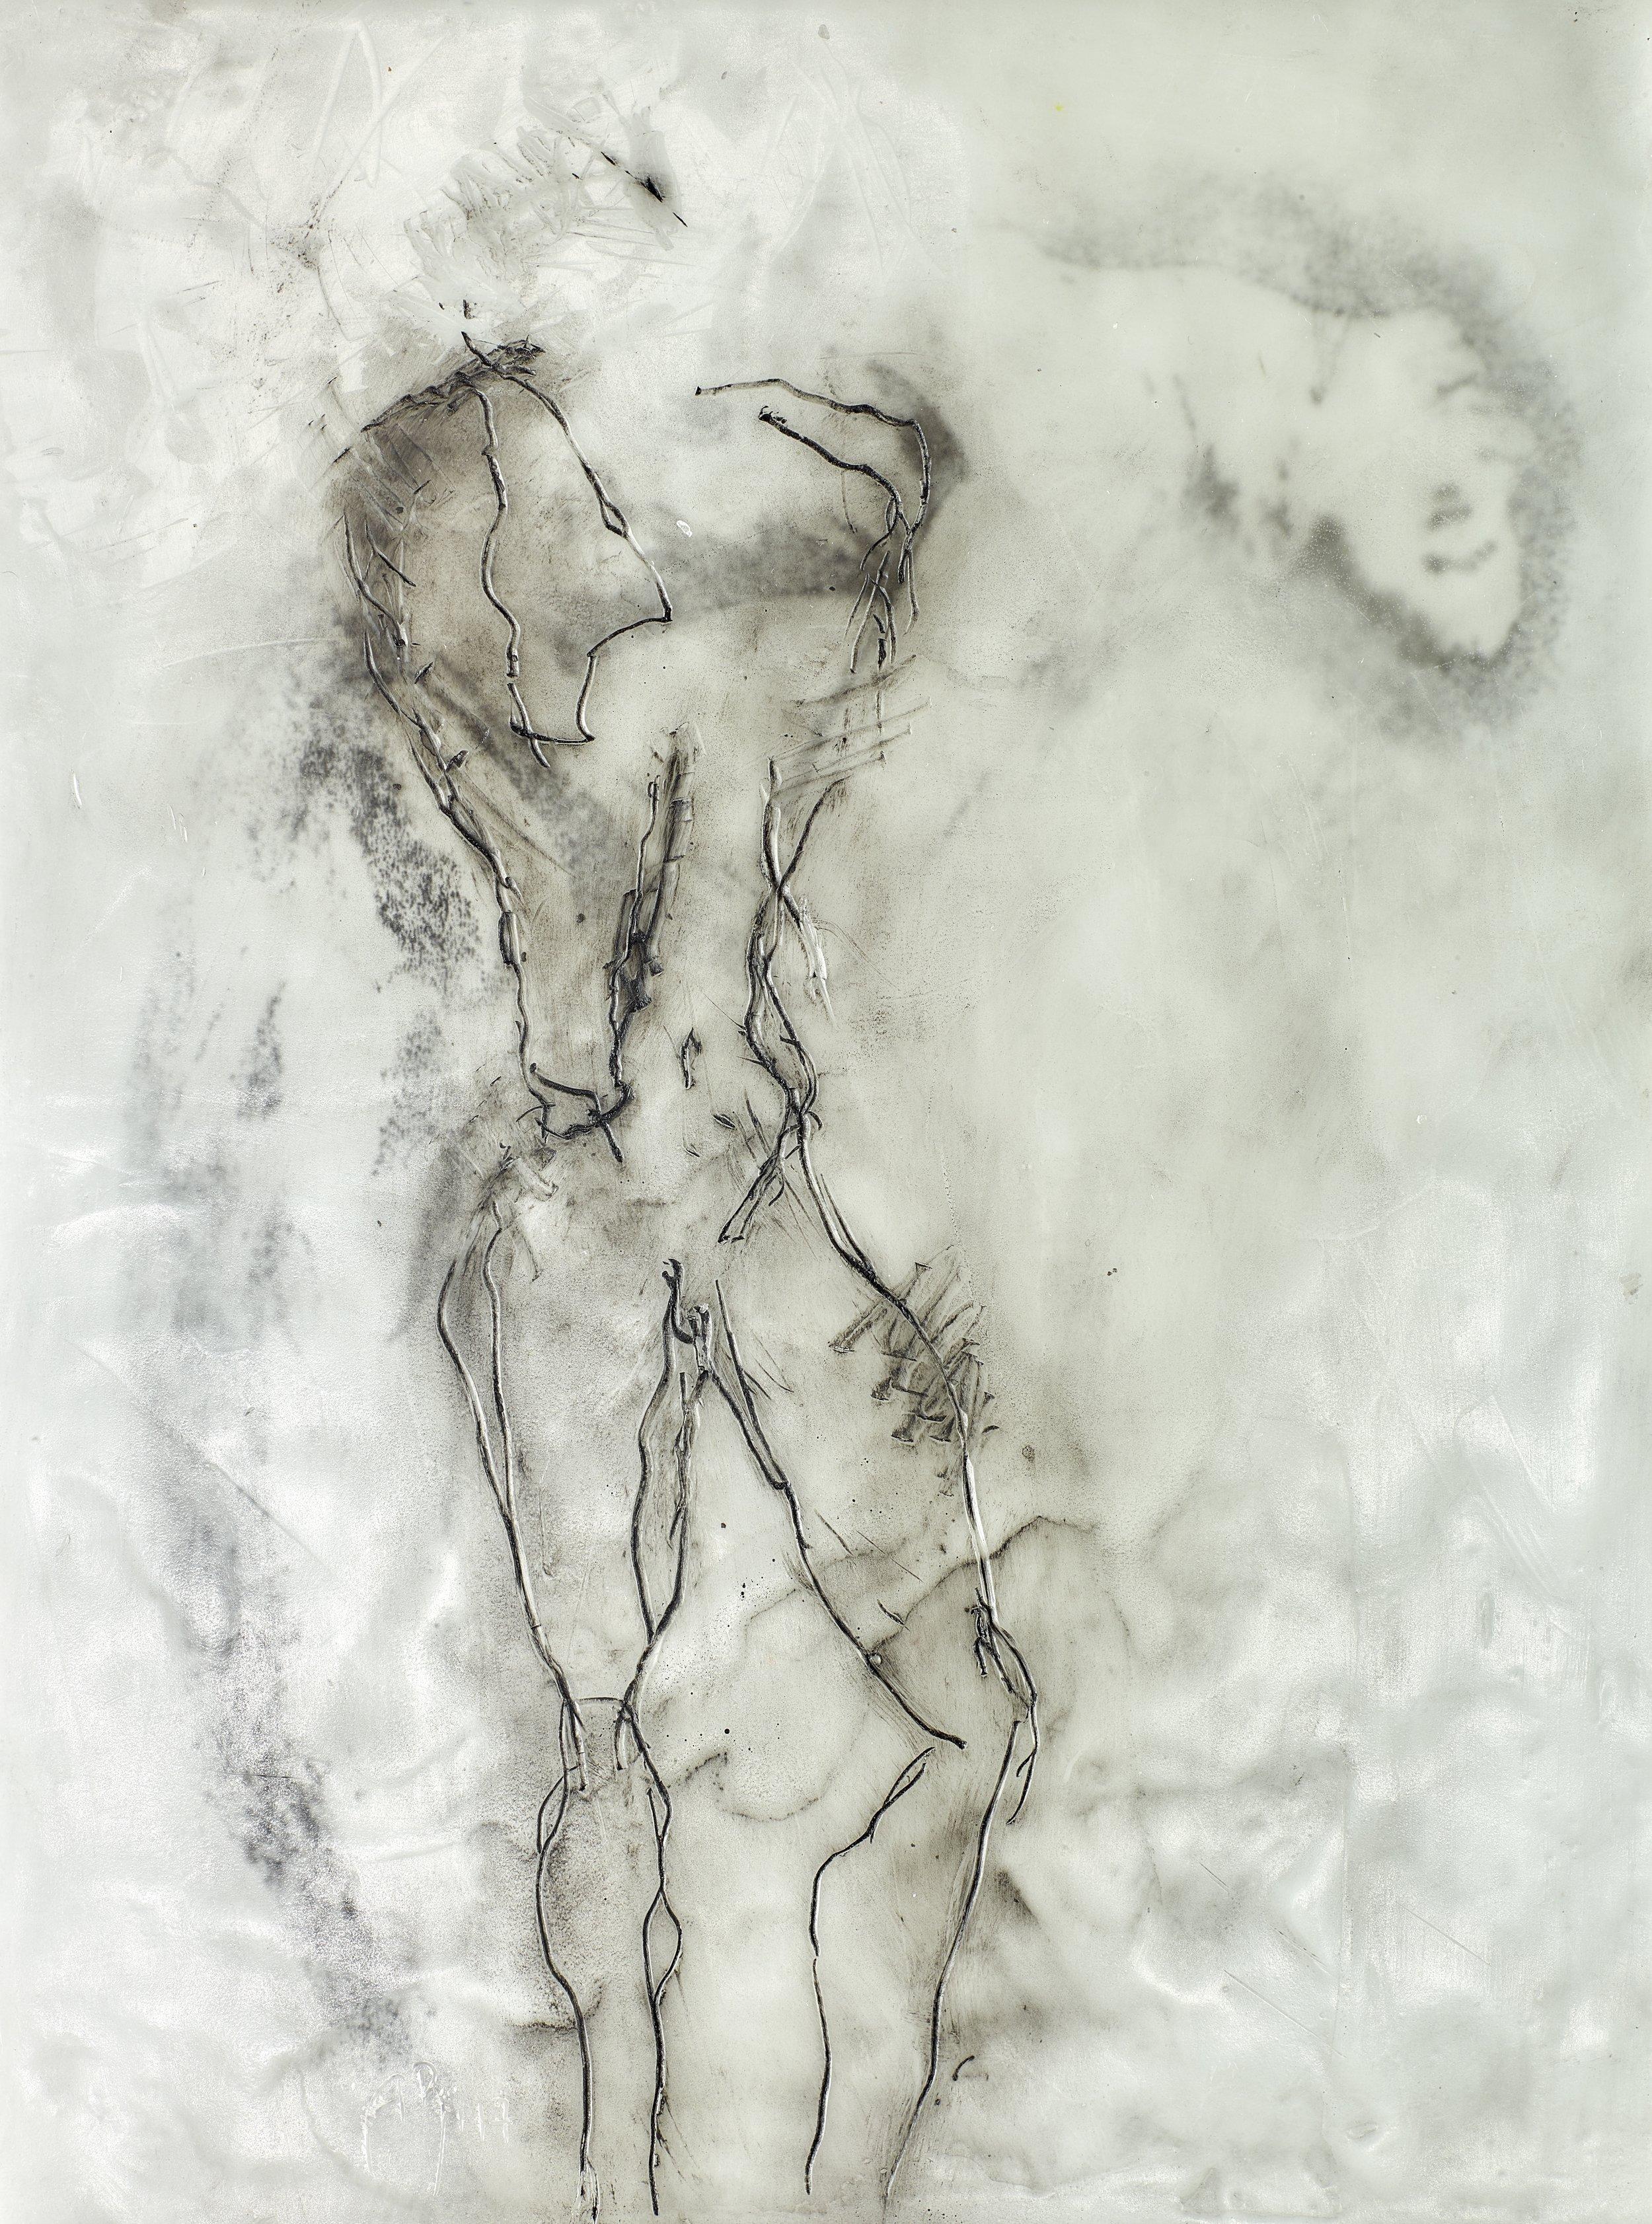 0112_AR_Drawing_Wax_Oil_OnWood_18x24cm.jpg